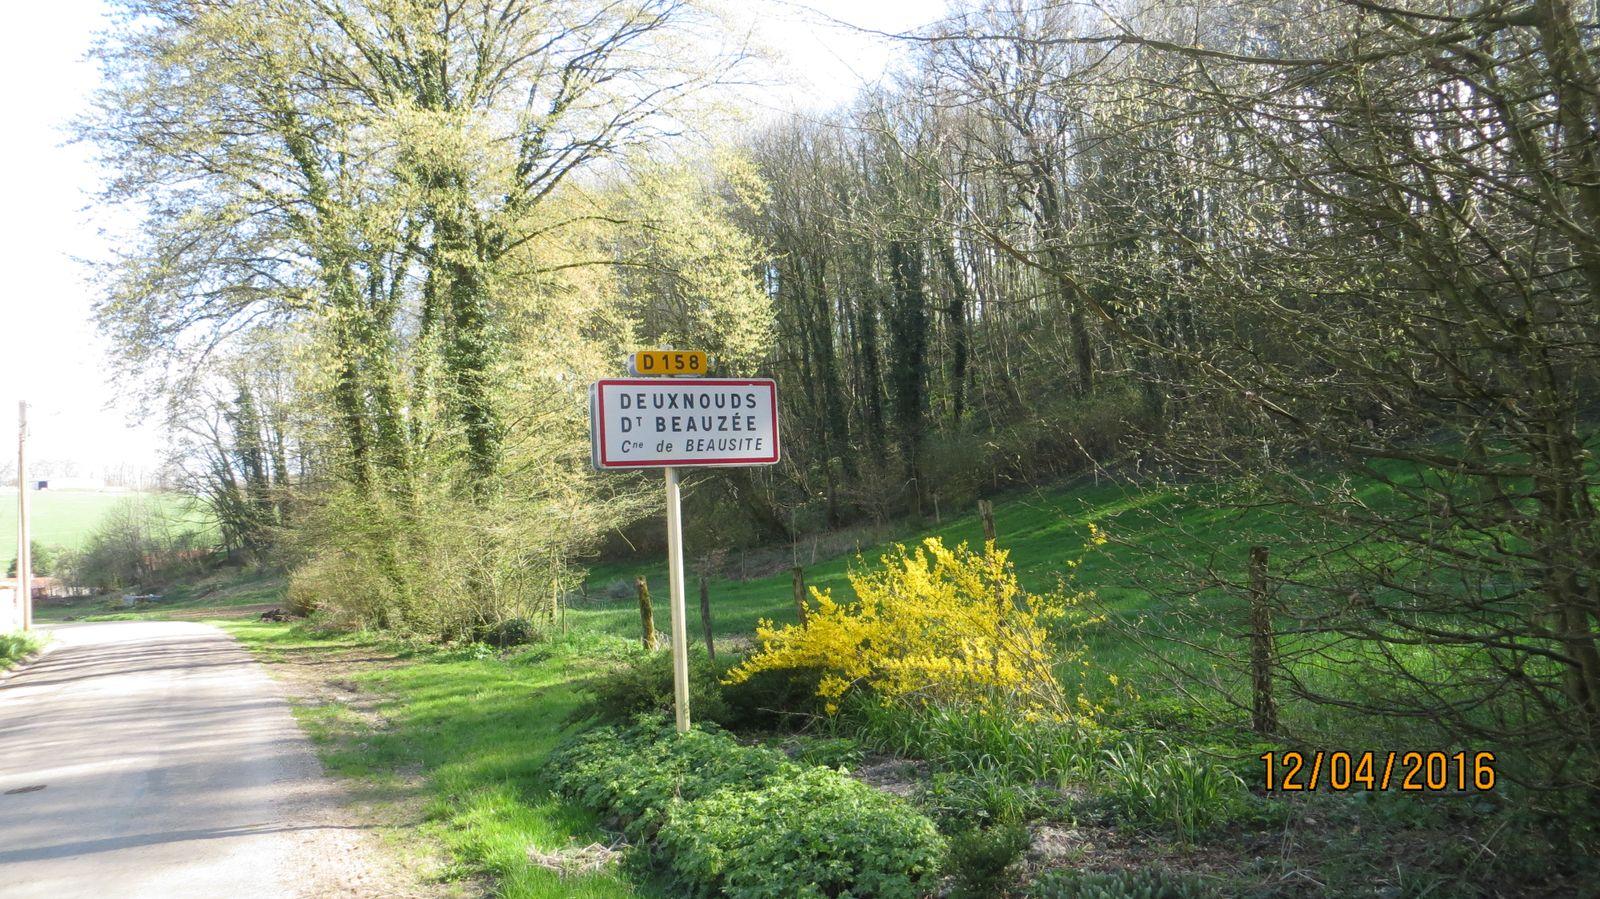 bienvenue à Deuxnouds